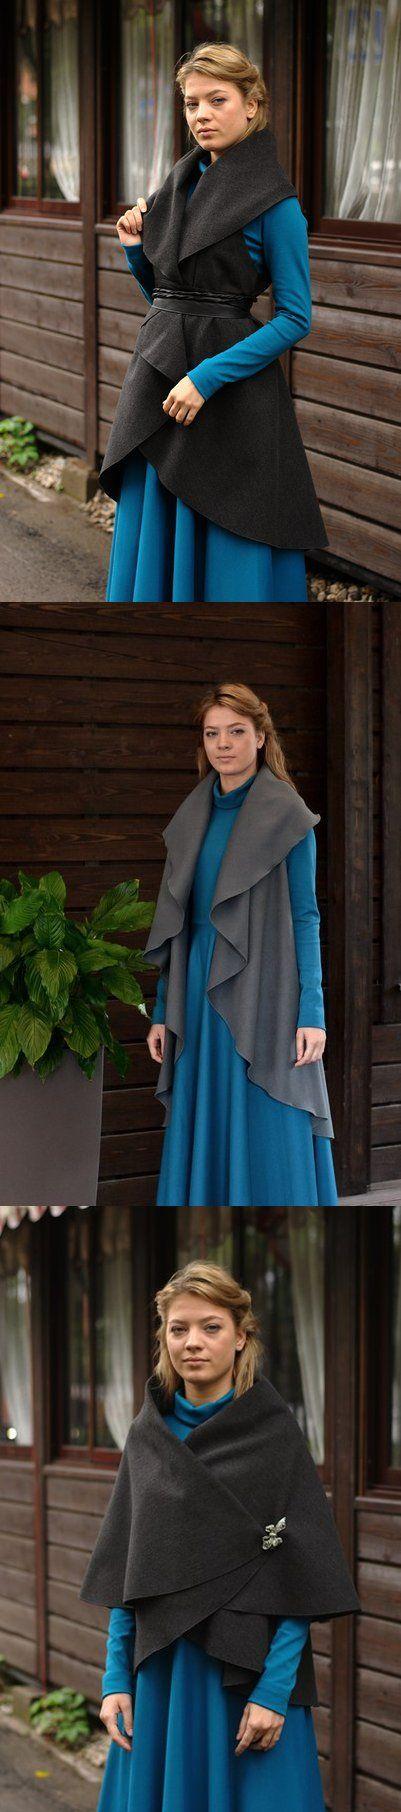 Жилет-трансформер из качественного плотного сукна. В межсезонье можно носить как верхнюю одежду, или в помещении - как вариант теплого кардигана. В комплекте пояс из той же ткани. В наличии много расцветок: серый, мята, шоколад, фуксия, пыльная роза, красный, темно-синий, мокко, темный изумруд, графит, терракот. Состав ткани: Шерсть, вискоза, элостан.